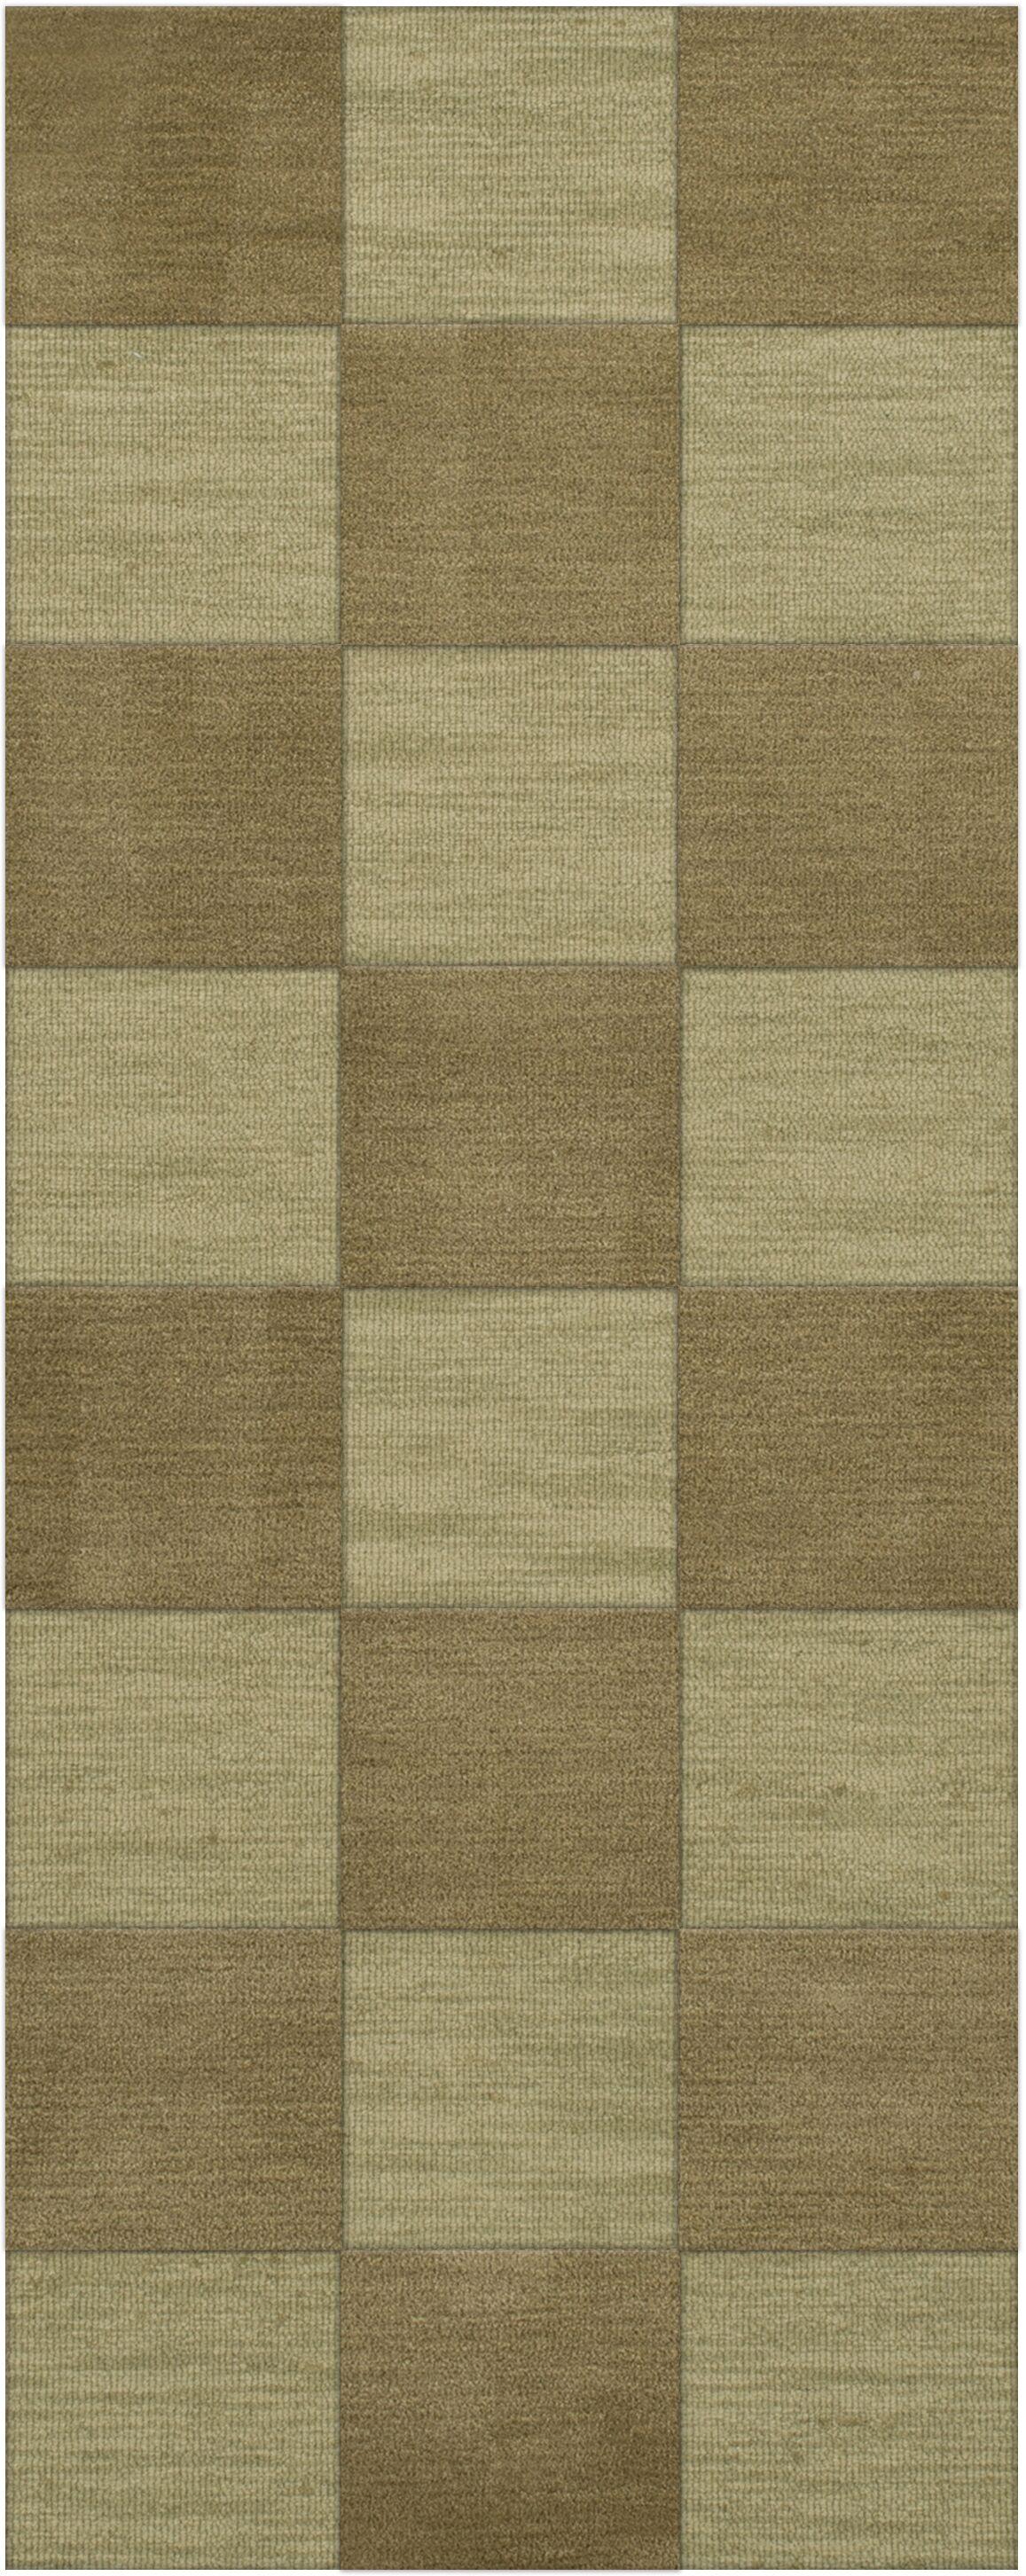 Dover Tufted Wool Marsh Area Rug Rug Size: Runner 2'6